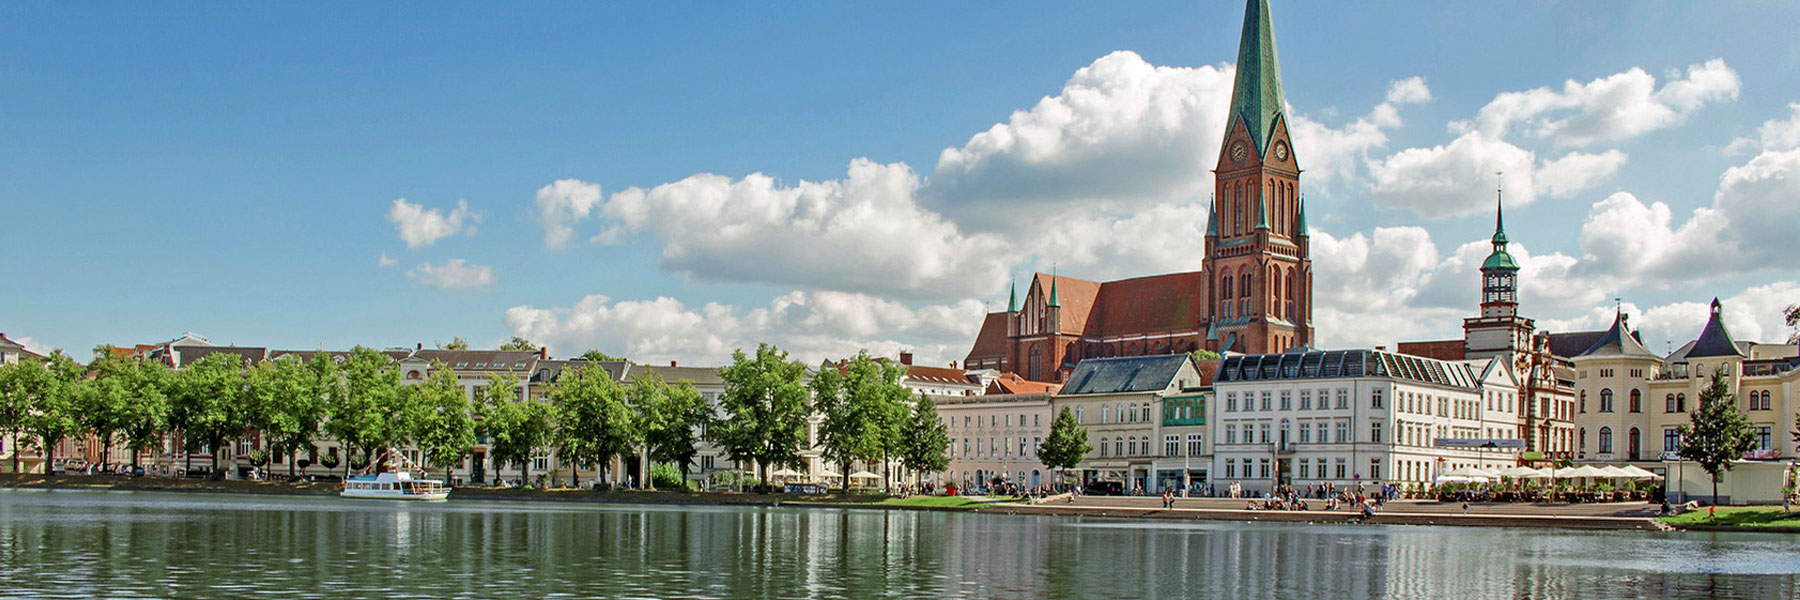 Pfaffenteich - Schwerin